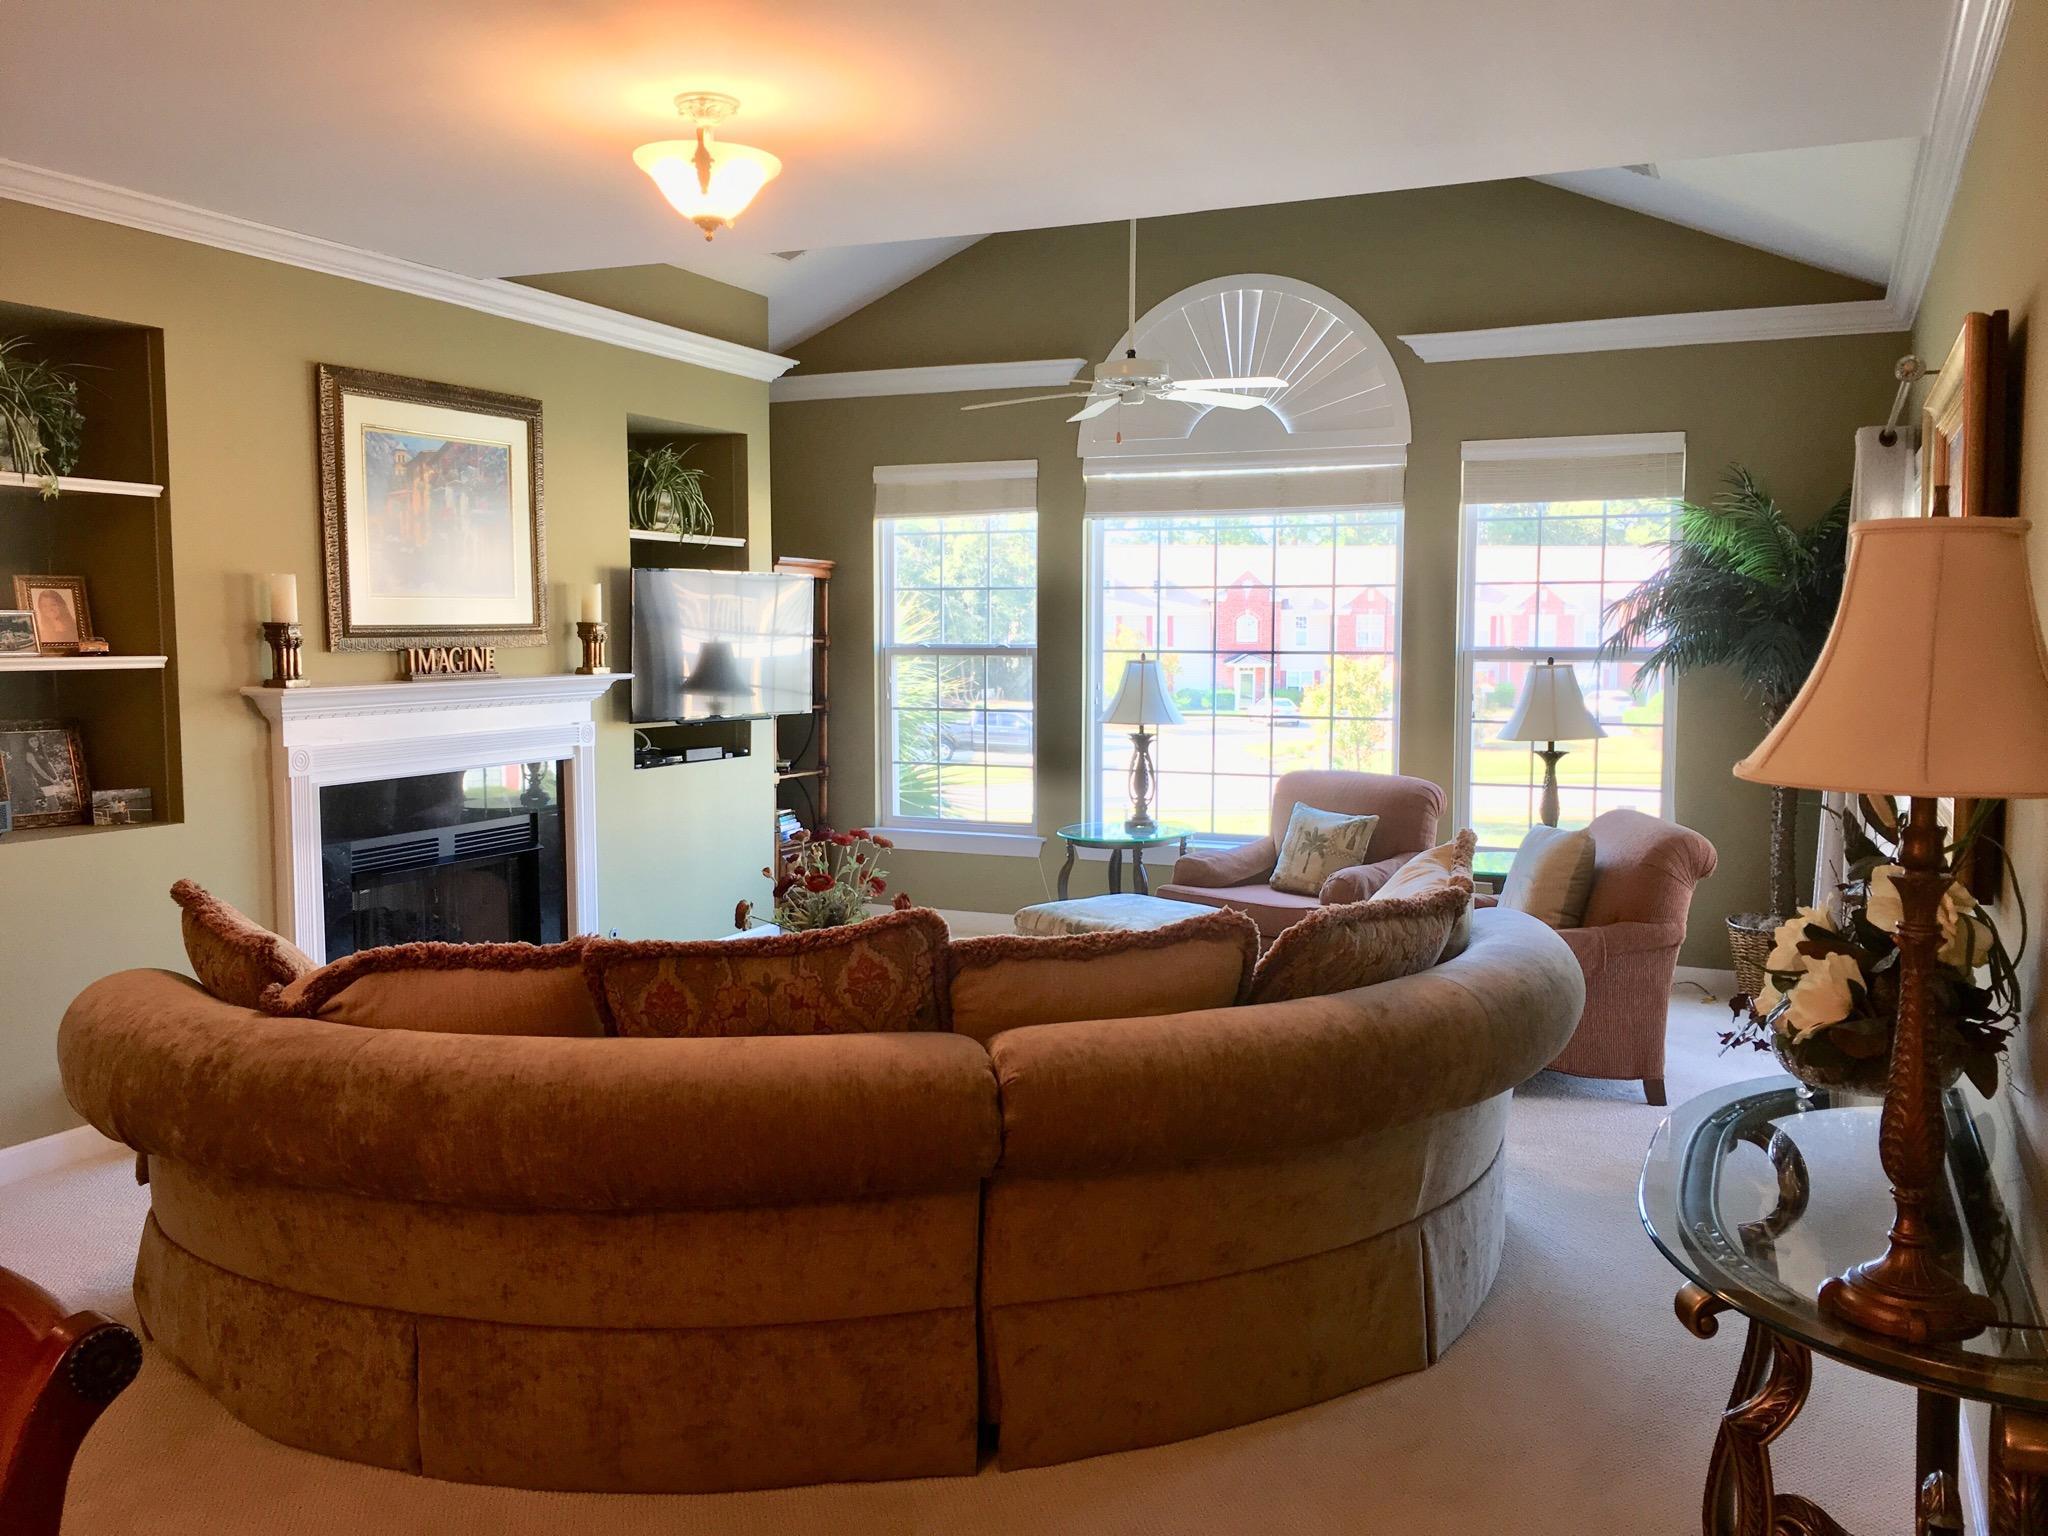 Dunes West Homes For Sale - 1468 Ellington Woods, Mount Pleasant, SC - 10